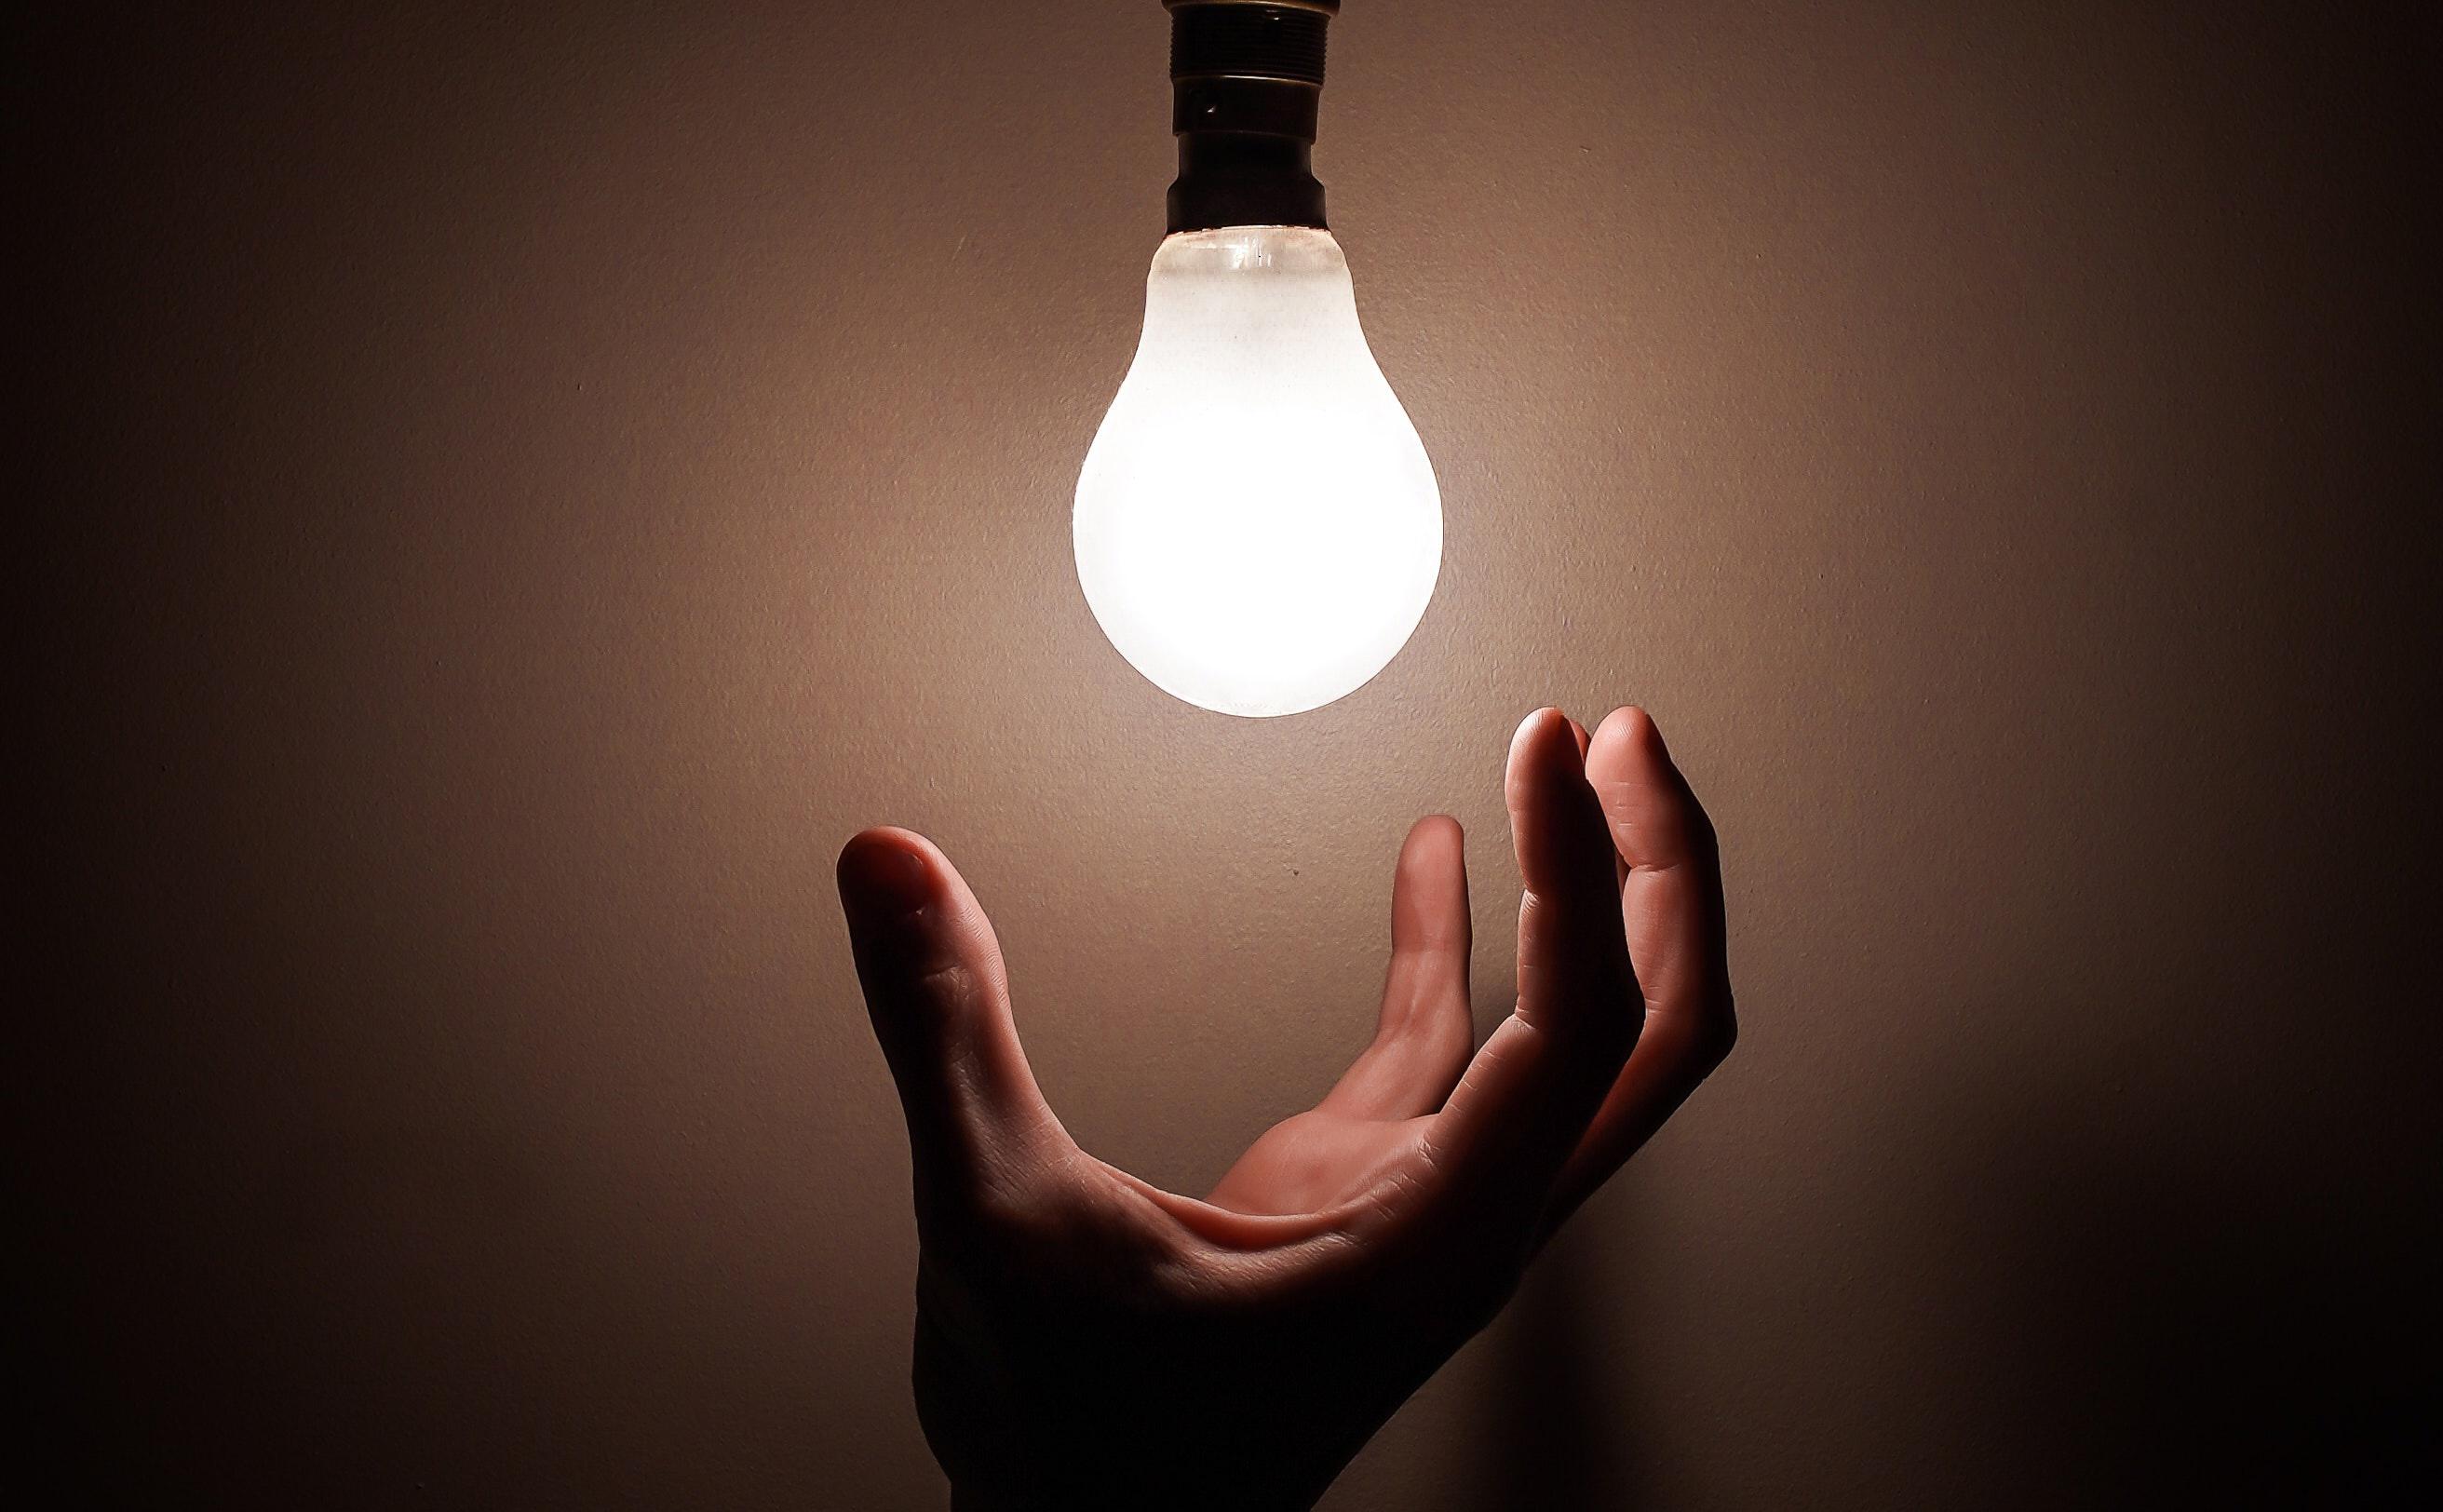 Immer mehr können Strom- und Gasrechnungen nicht bezahlen